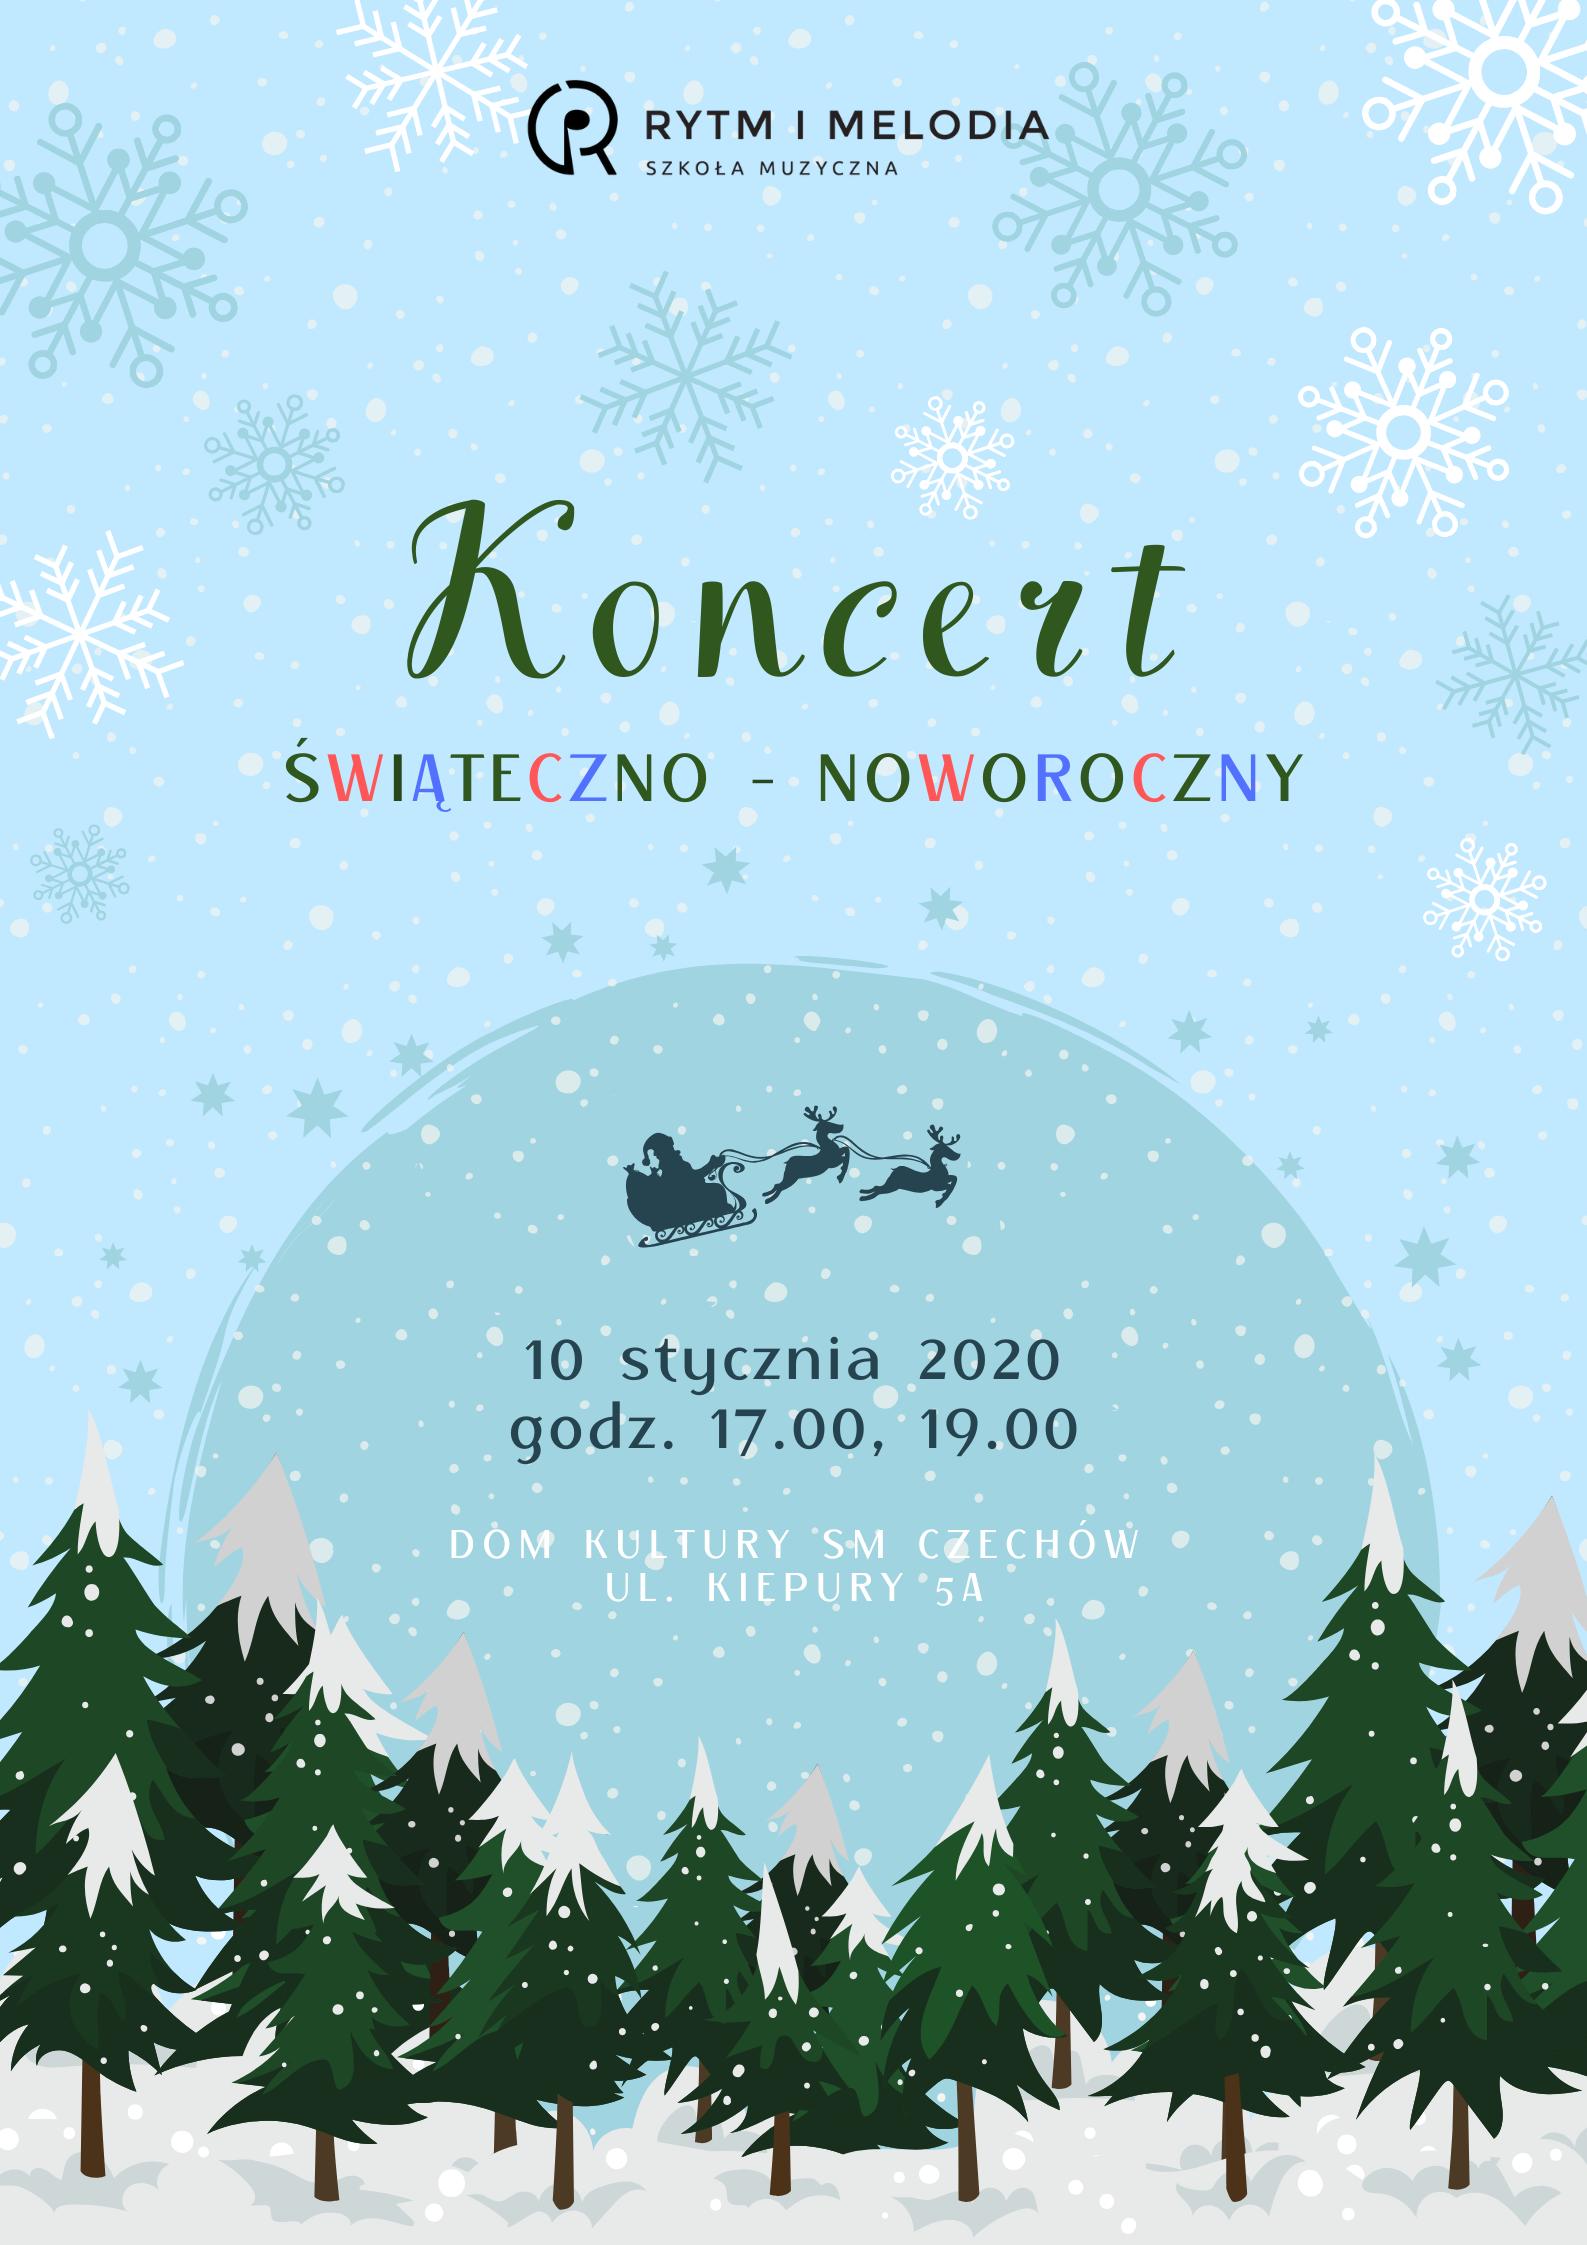 Koncert świąteczno – noworoczny Rytm iMelodia